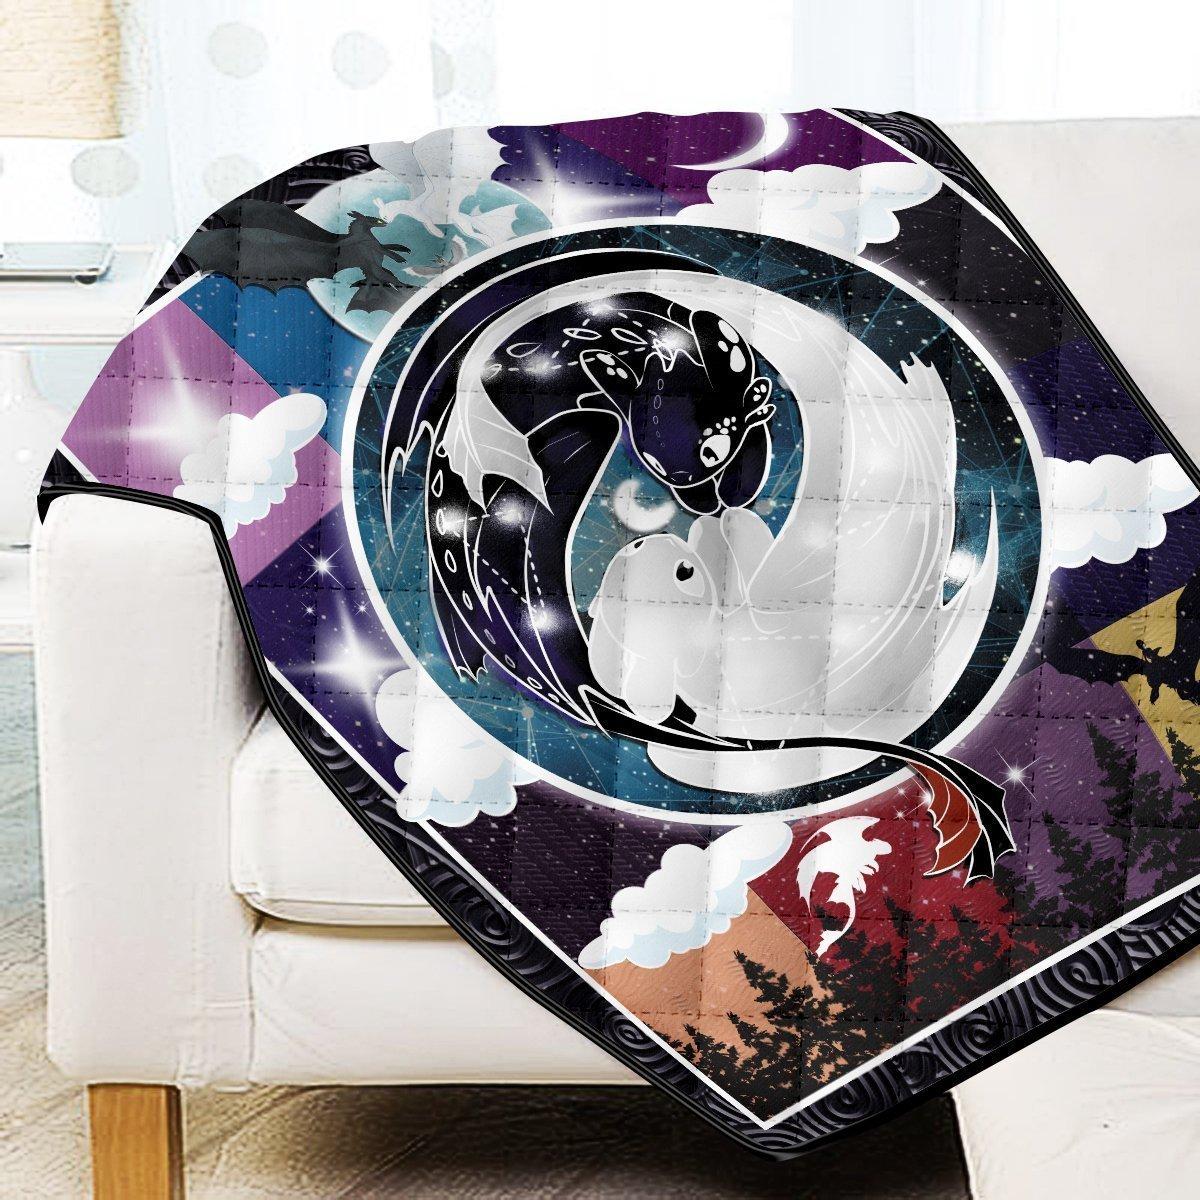 Constellation Dragons Quilt Blanket Official Merch FDM3009 Twin Official Otaku Treat Merch